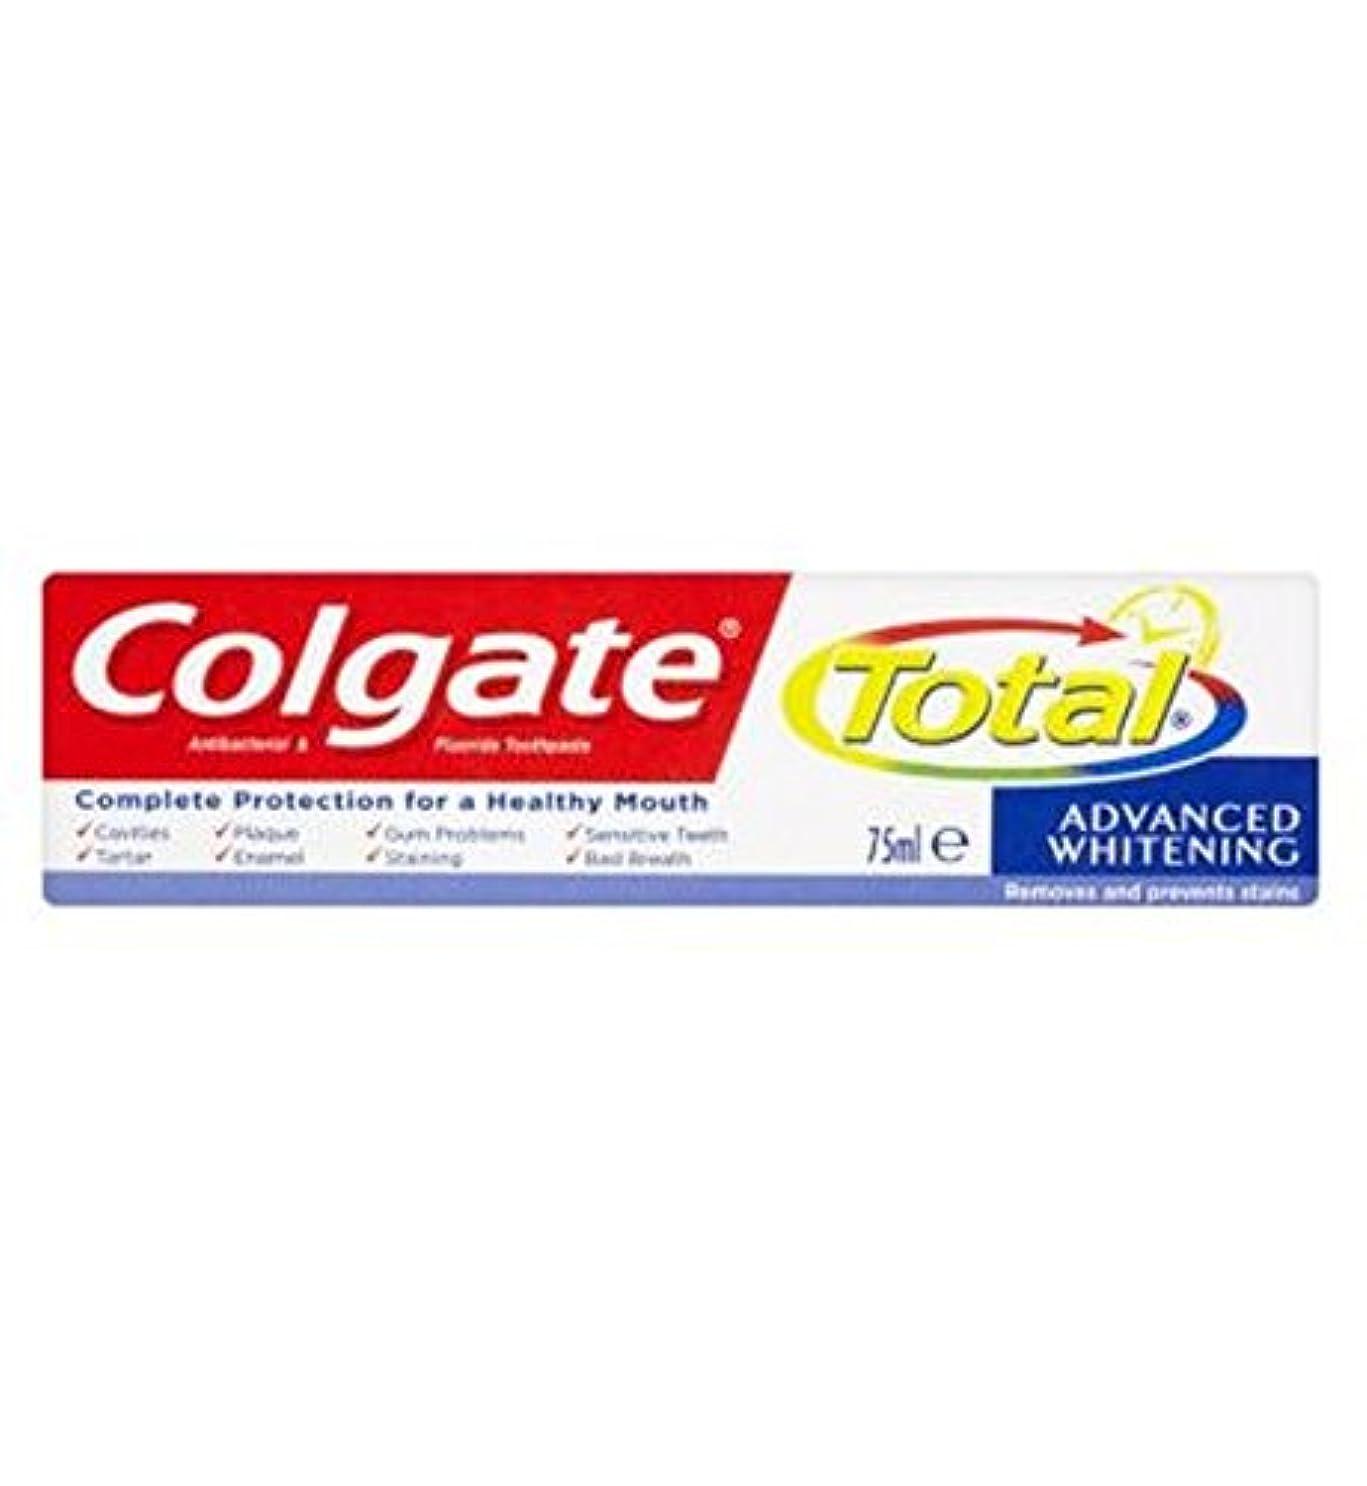 またね尽きる盗賊Colgate Total Advanced Whitening toothpaste 75ml - コルゲートトータル高度なホワイトニング歯磨き粉75ミリリットル (Colgate) [並行輸入品]